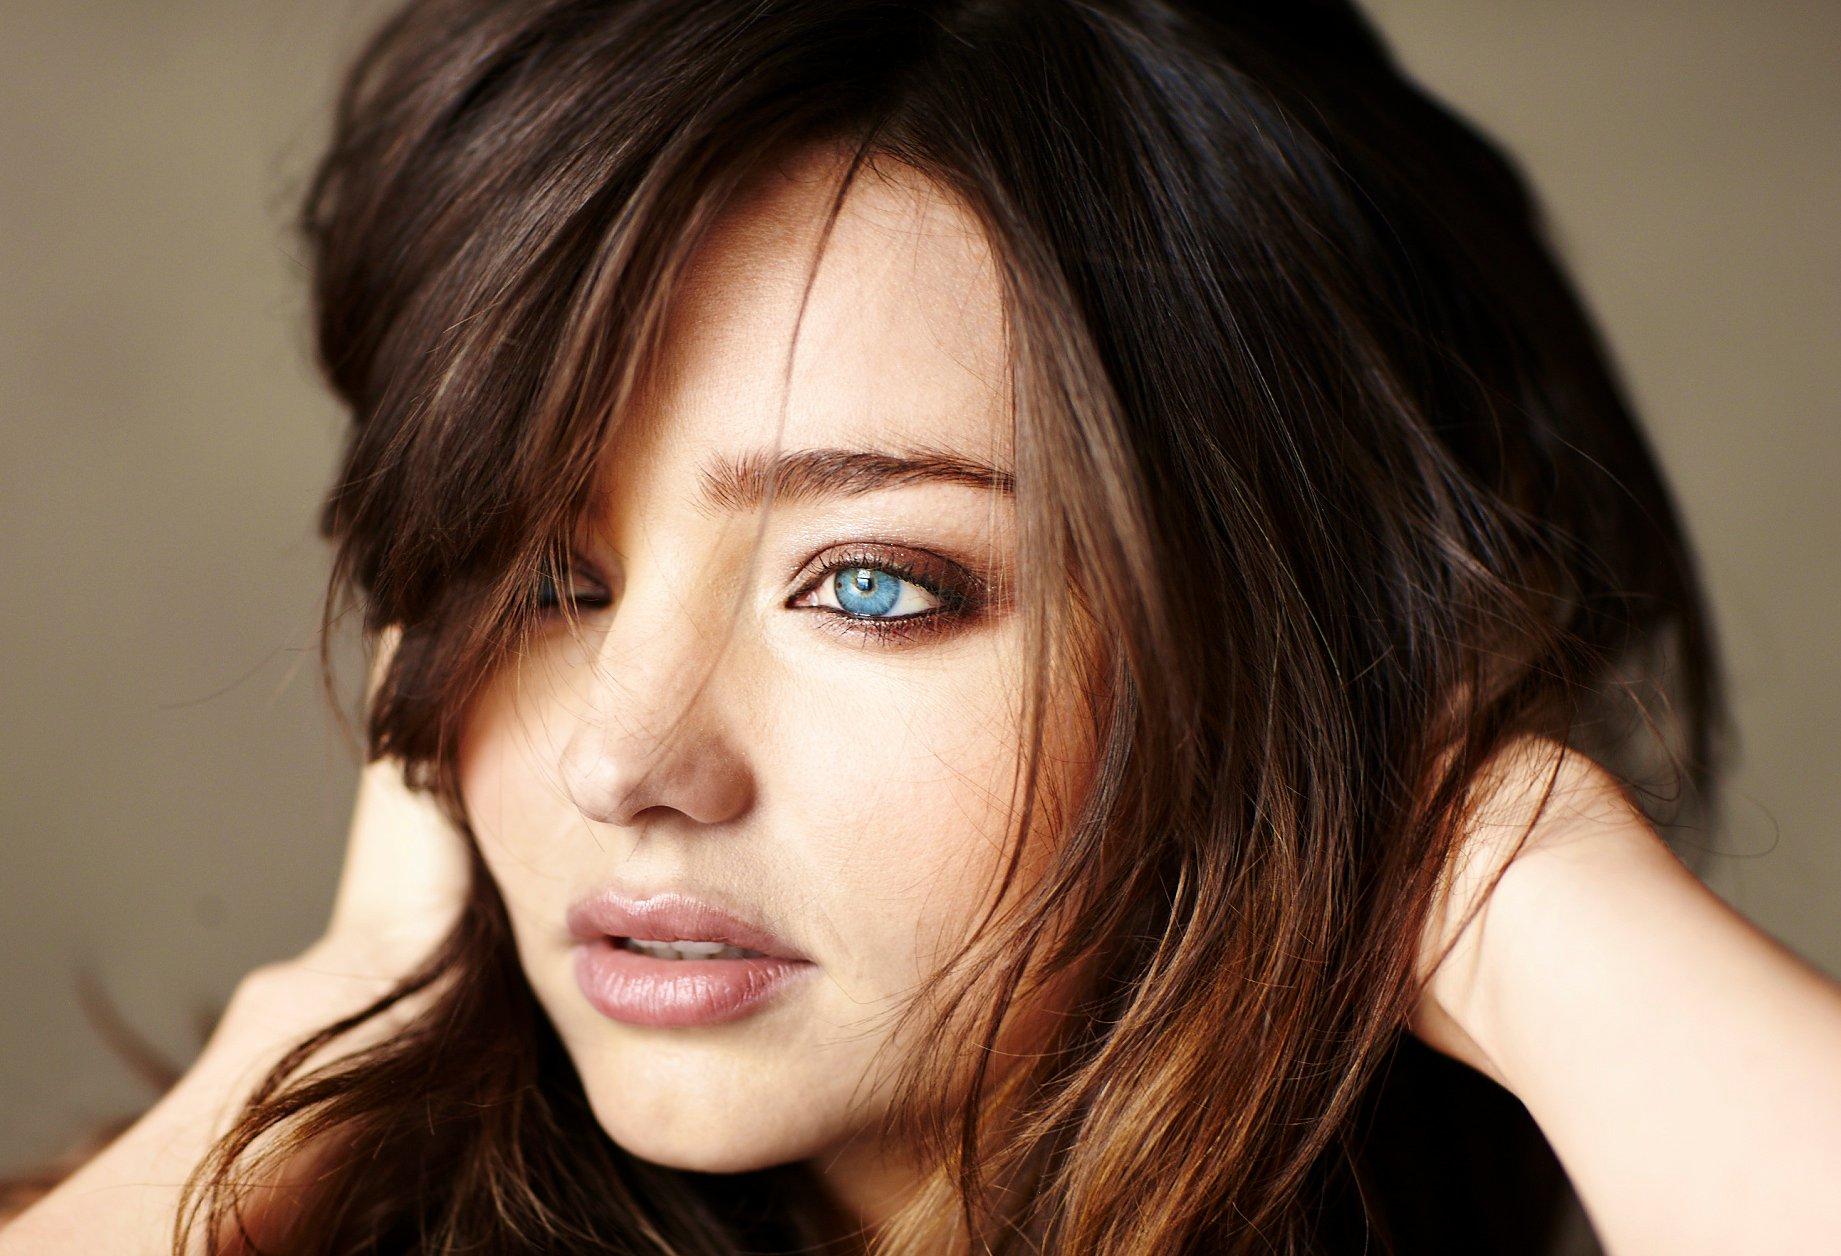 Сами красивая девушки мира фотографии 6 фотография